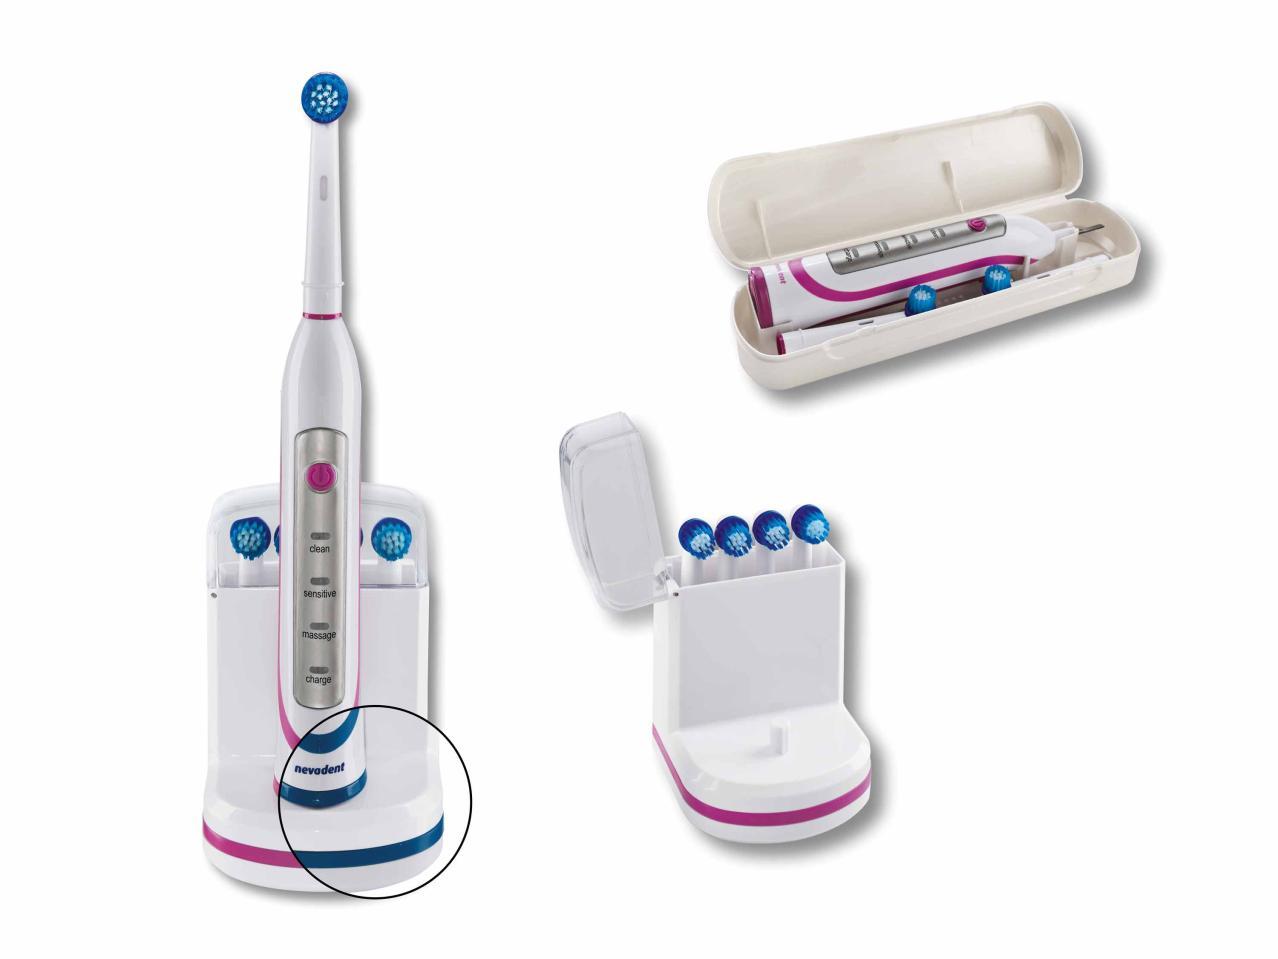 Brosse A Dents Electrique Lidl Suisse Archive Des Offres Promotionnelles